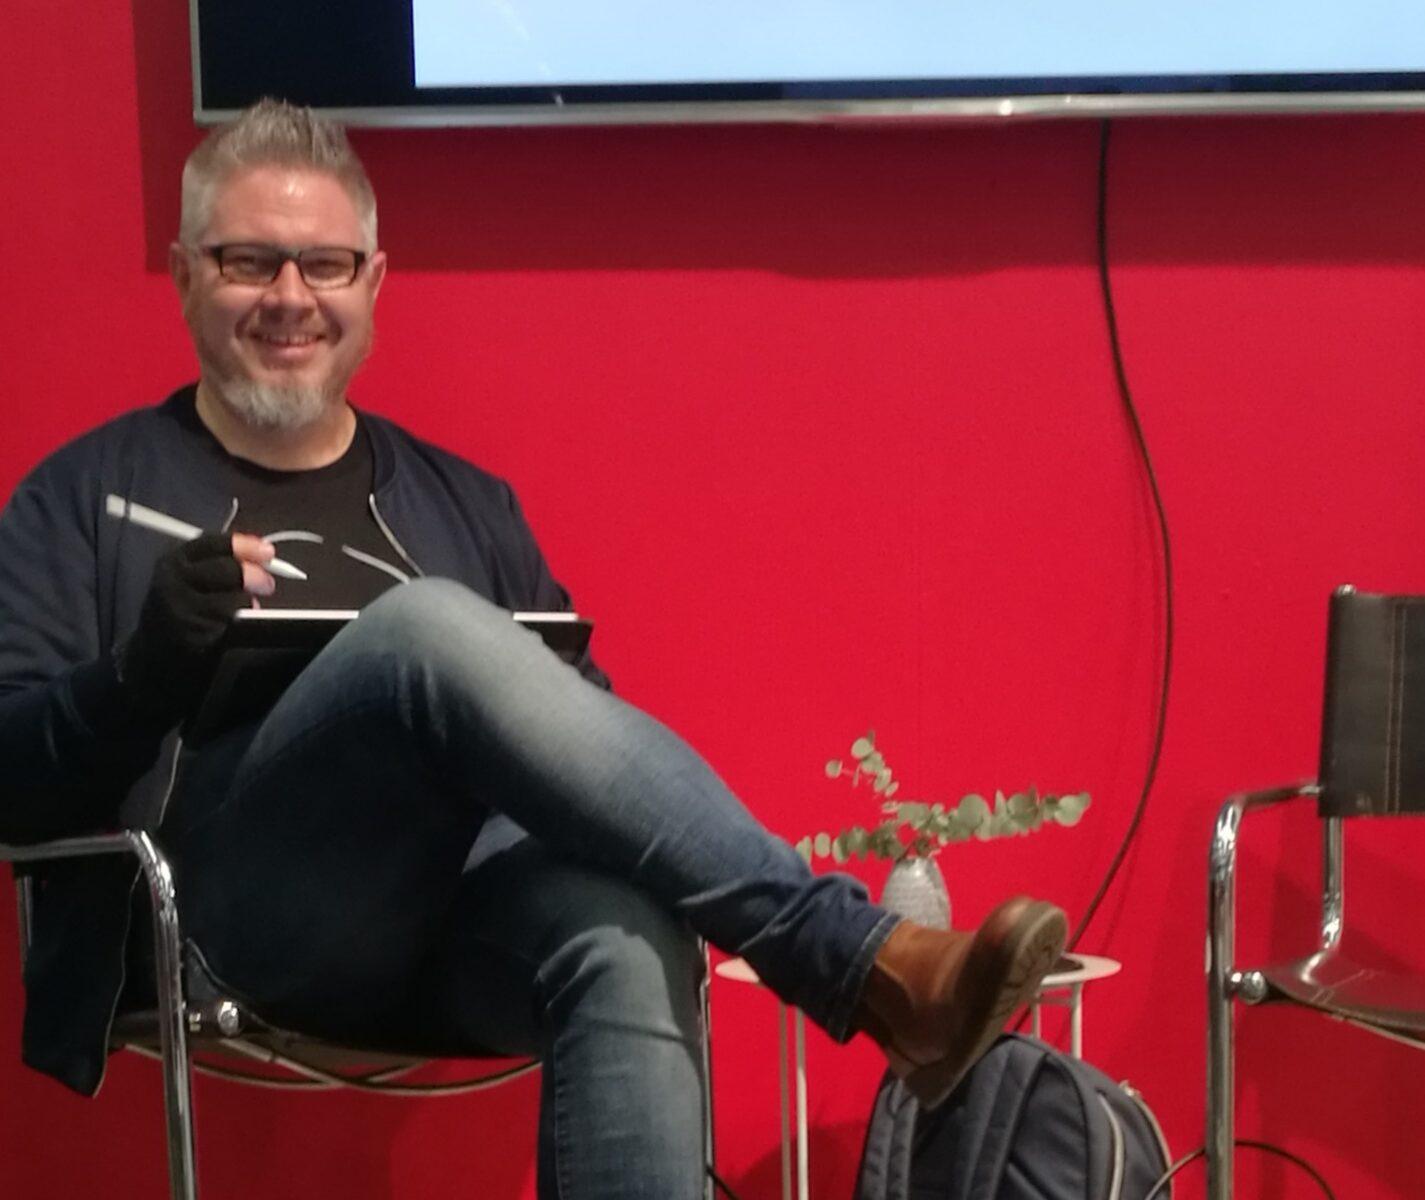 Royne Mercurio ritar sina härliga Herregud & co figurer på Bokmässan 2018